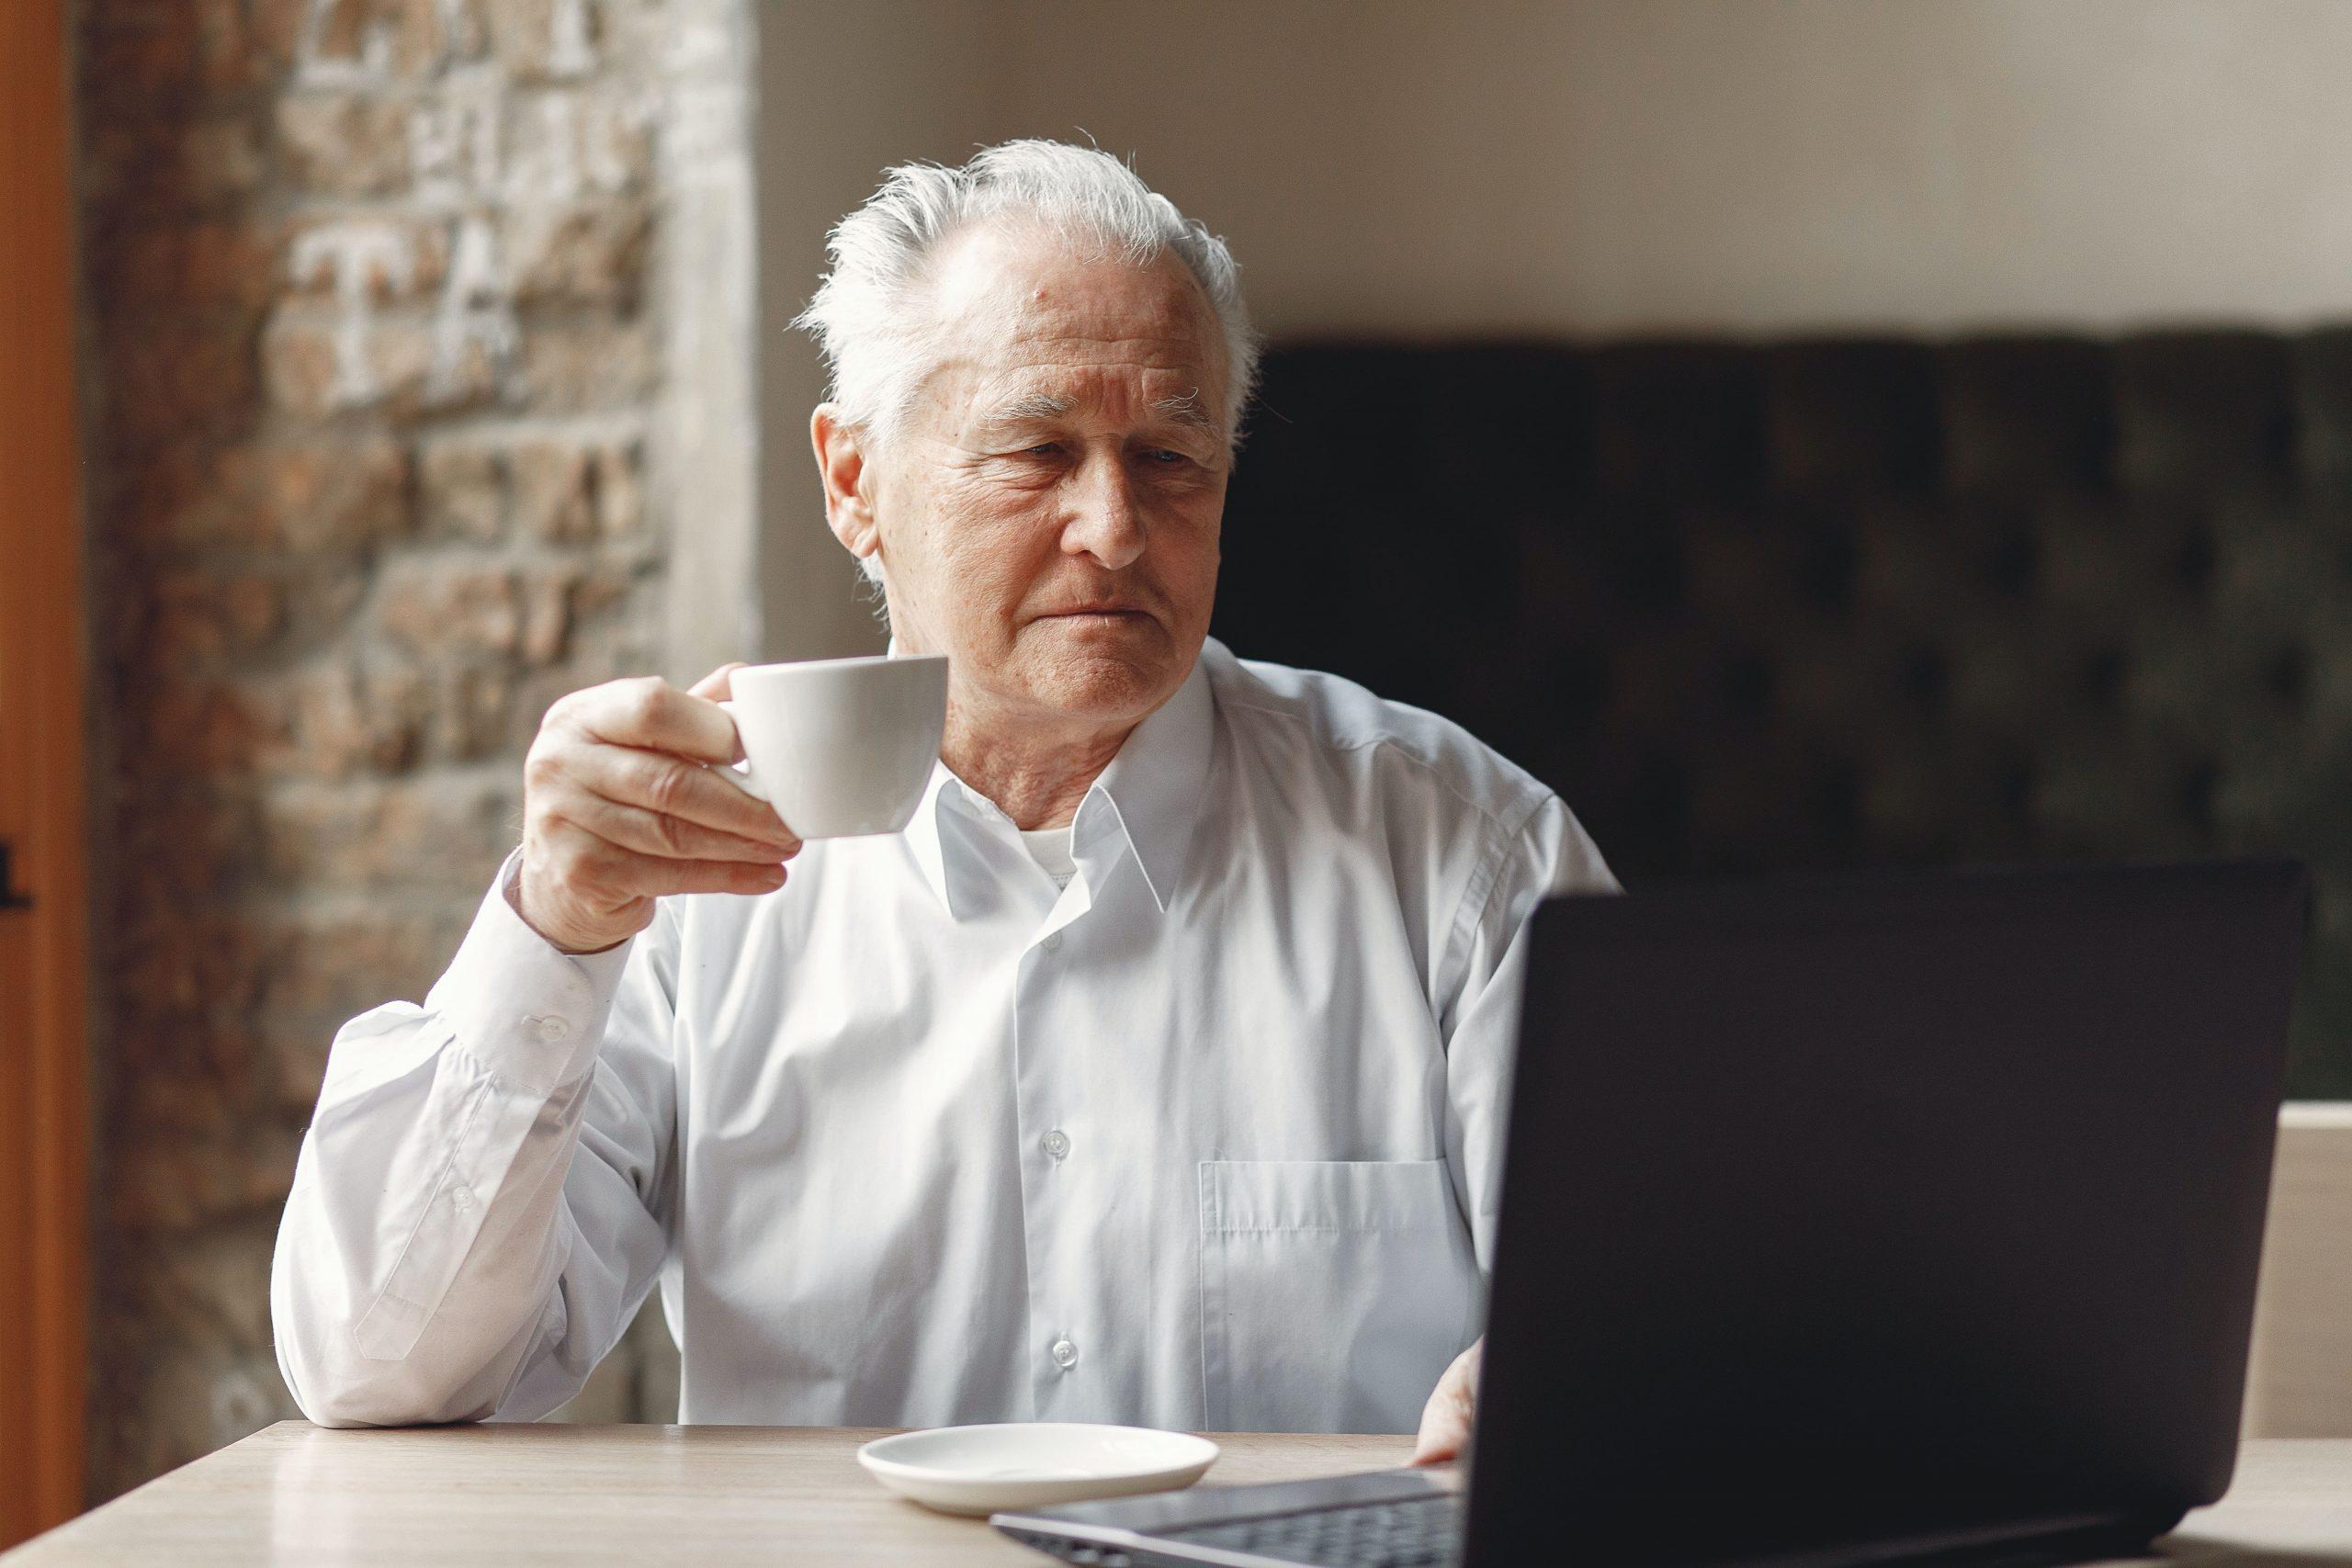 Älterer Mann sitzt vor Laptop mit Kaffetasse in Hand